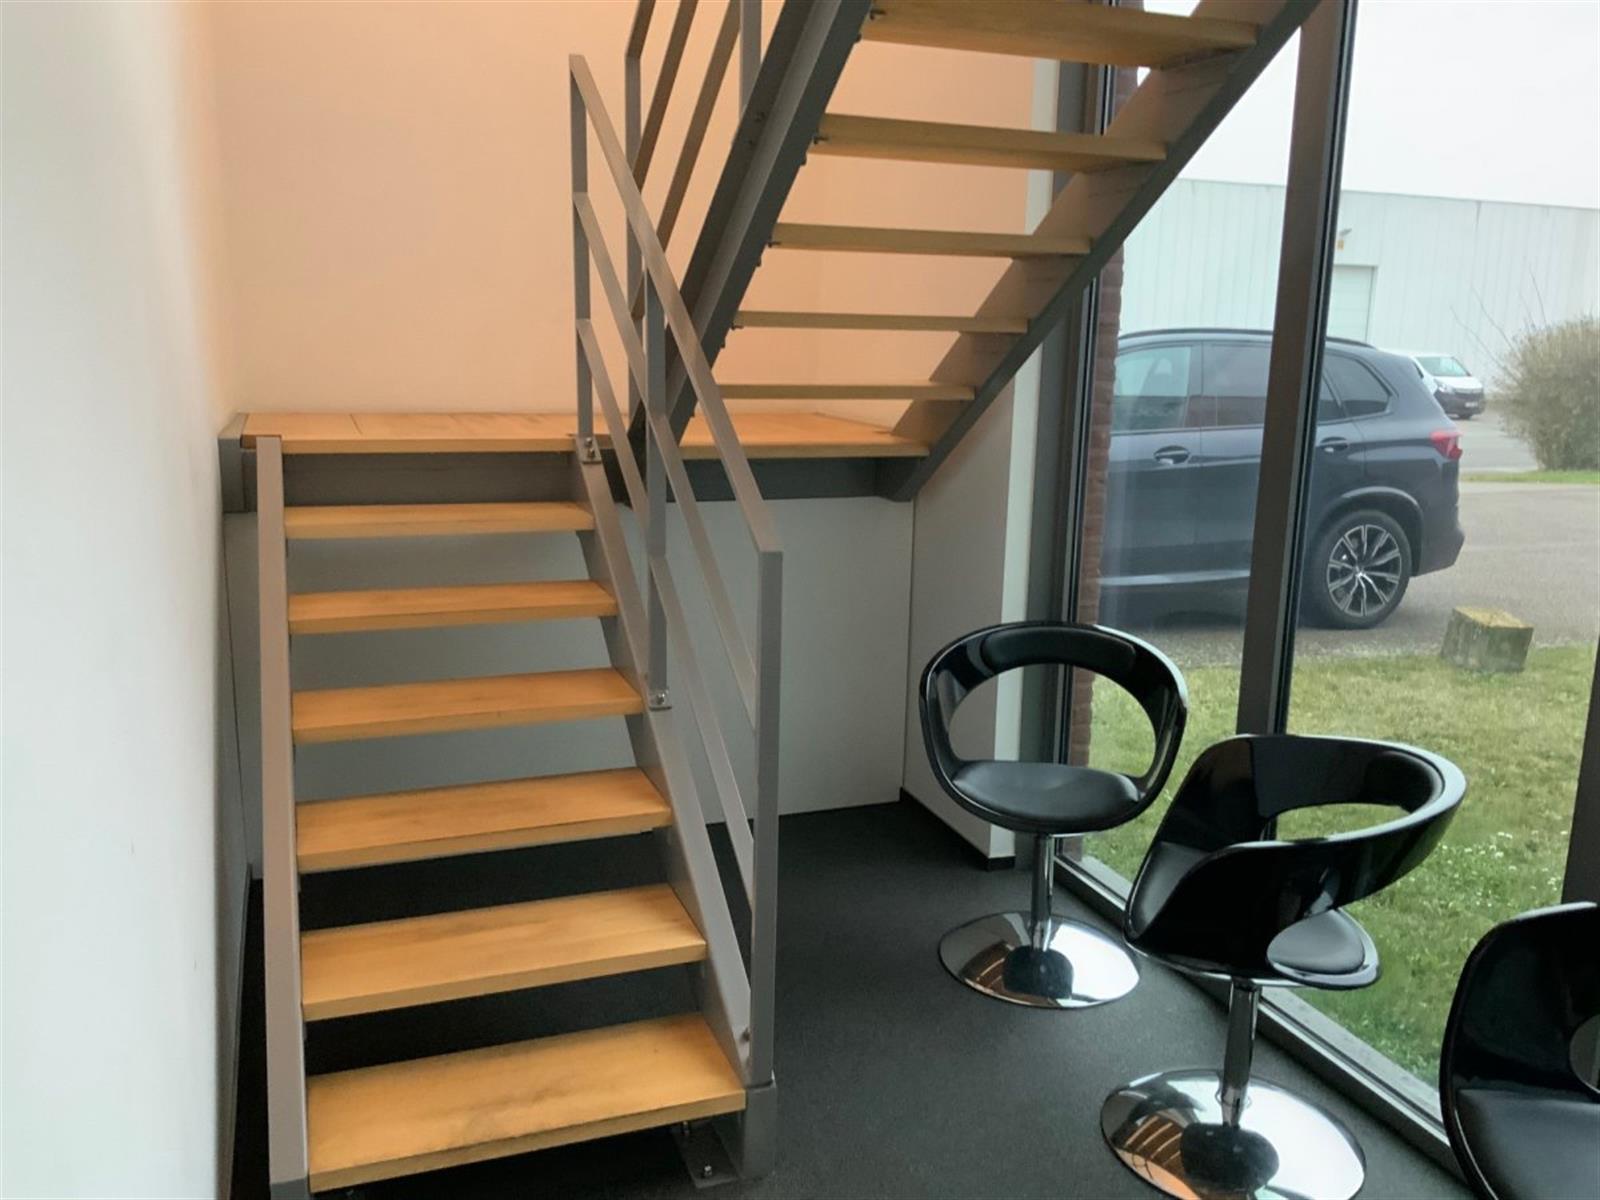 bedrijfsgebouw te koop I122 - Bedrijfsgebouw - Centrum-Zuid 3023 2, 3530 Houthalen-Helchteren, België 3